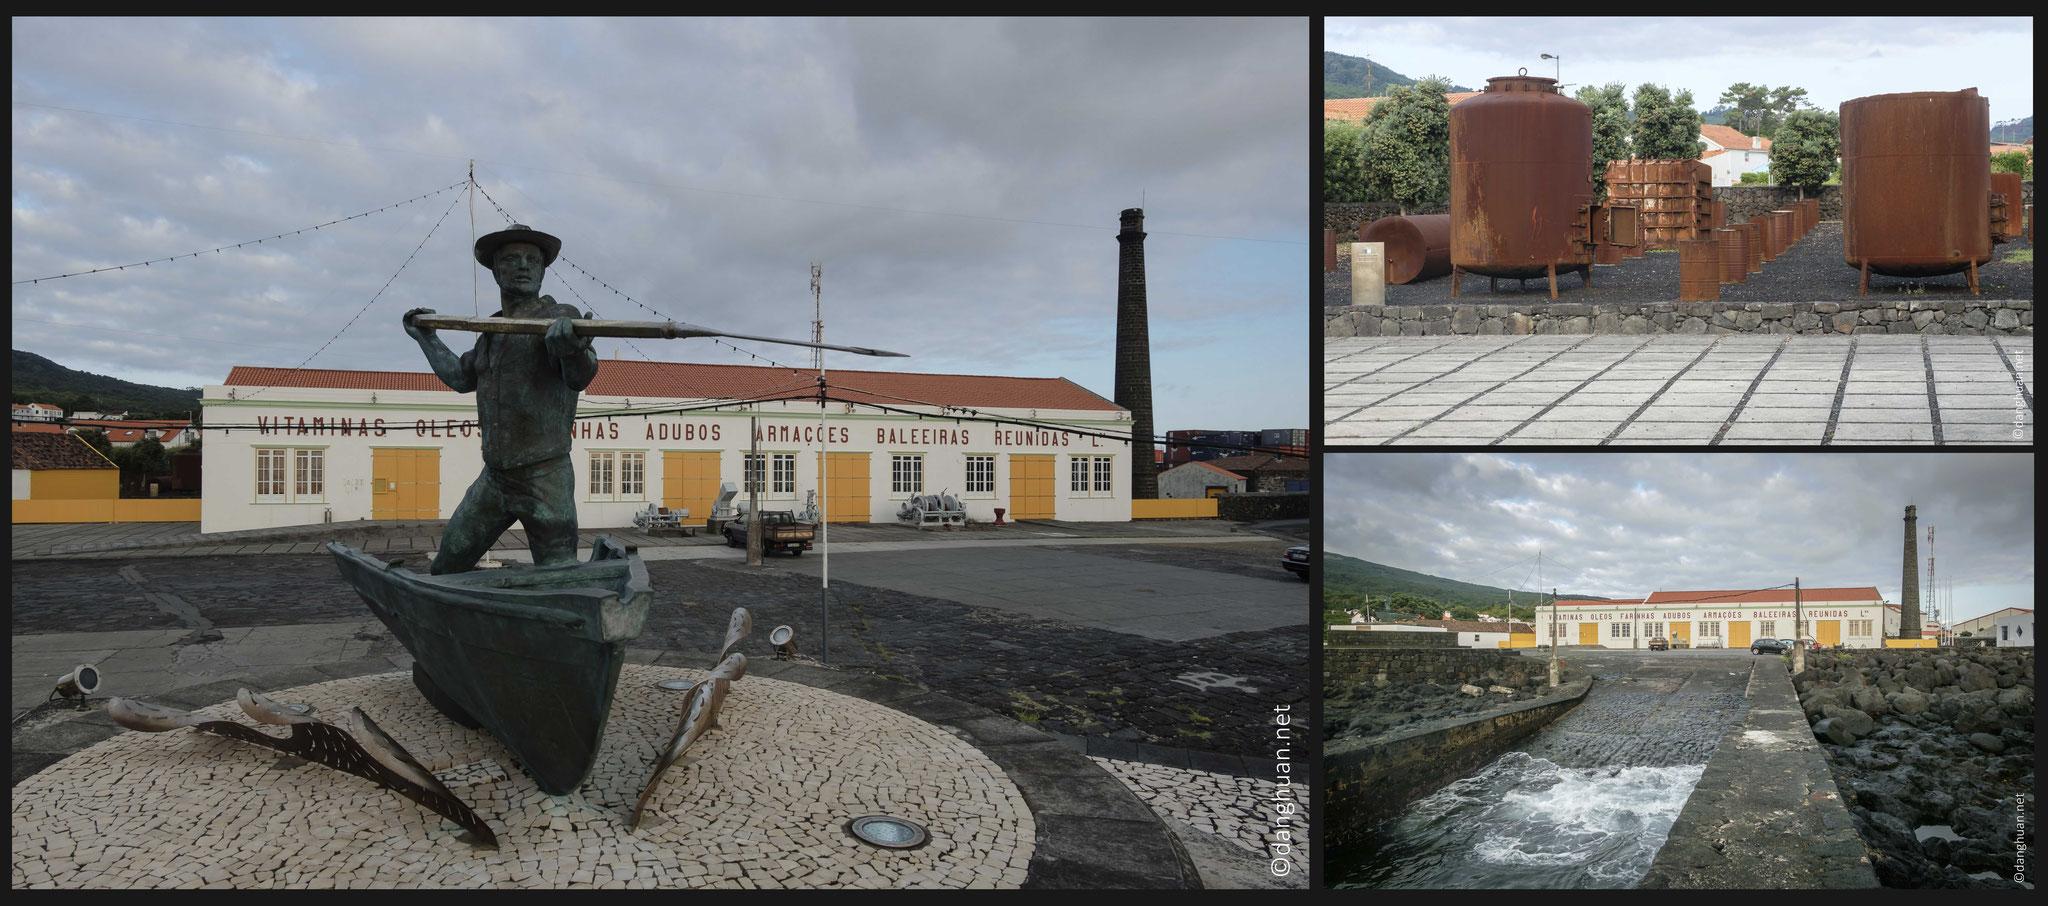 Sao Roque - village de pêche de cachalot dont l'huile était essentiellement utilisée pour l'éclairage des capitales européennes à l'époque